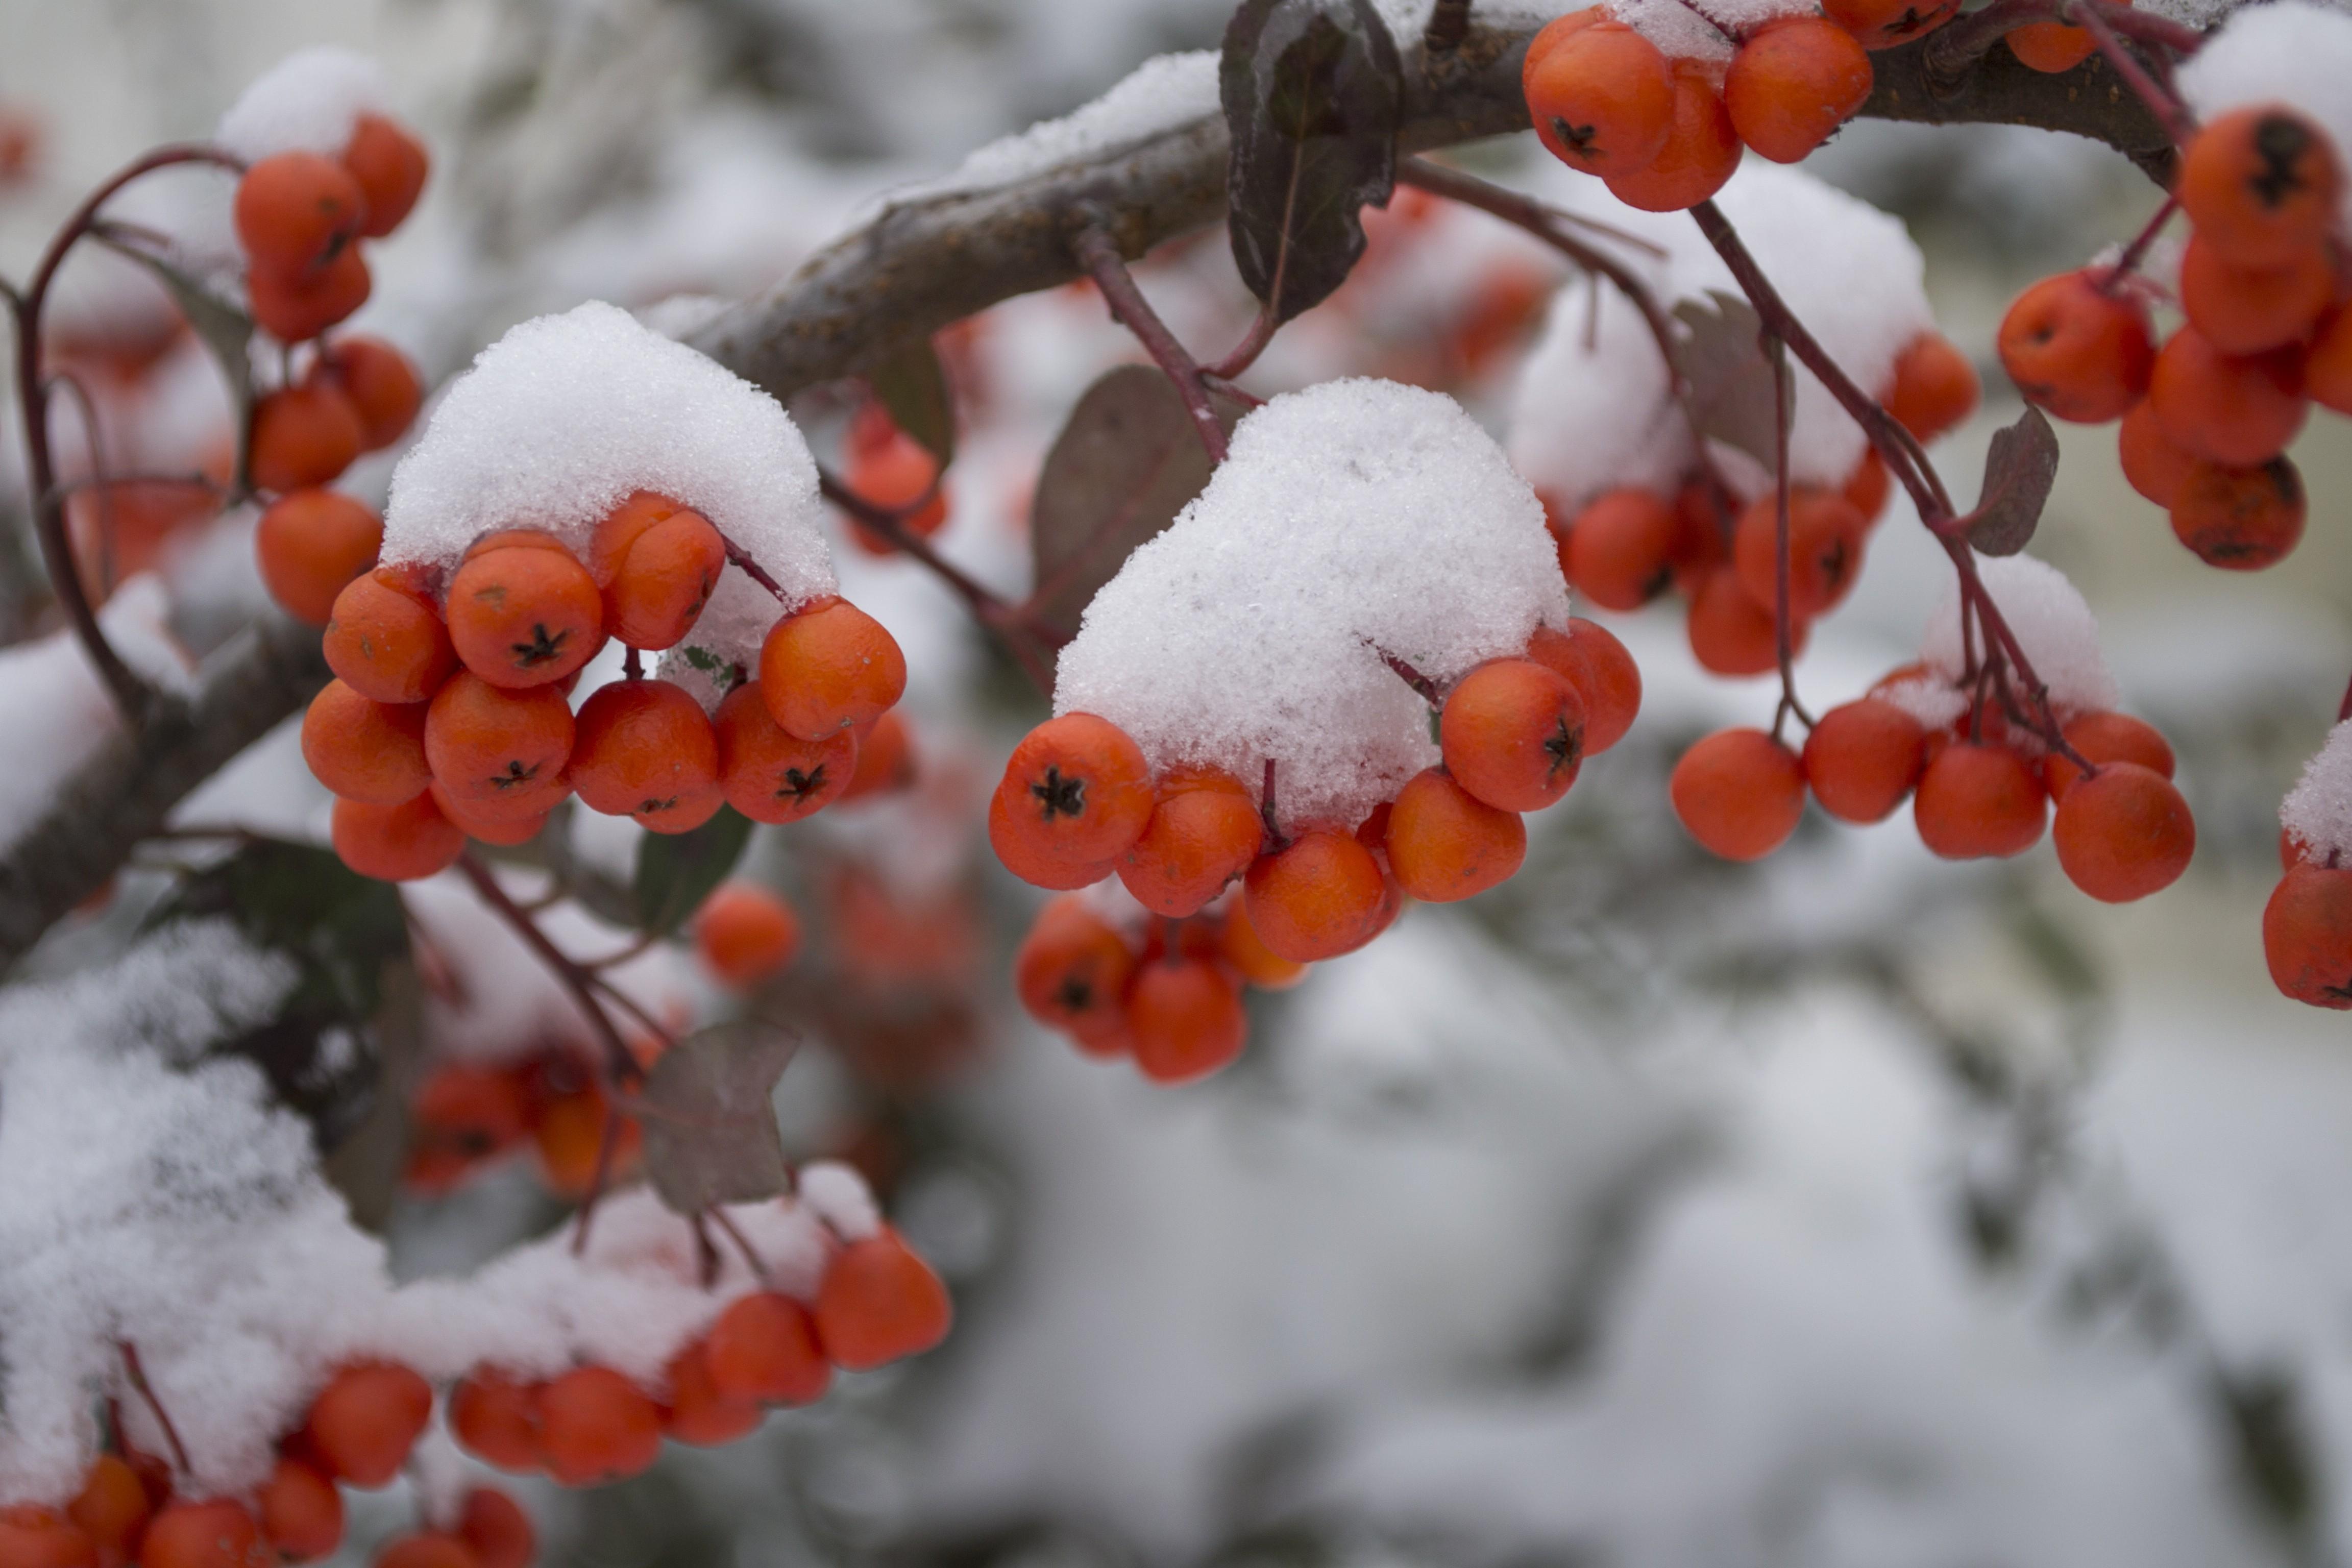 дерево рябины в снегу картинки аквариумную рыбку уверенностью